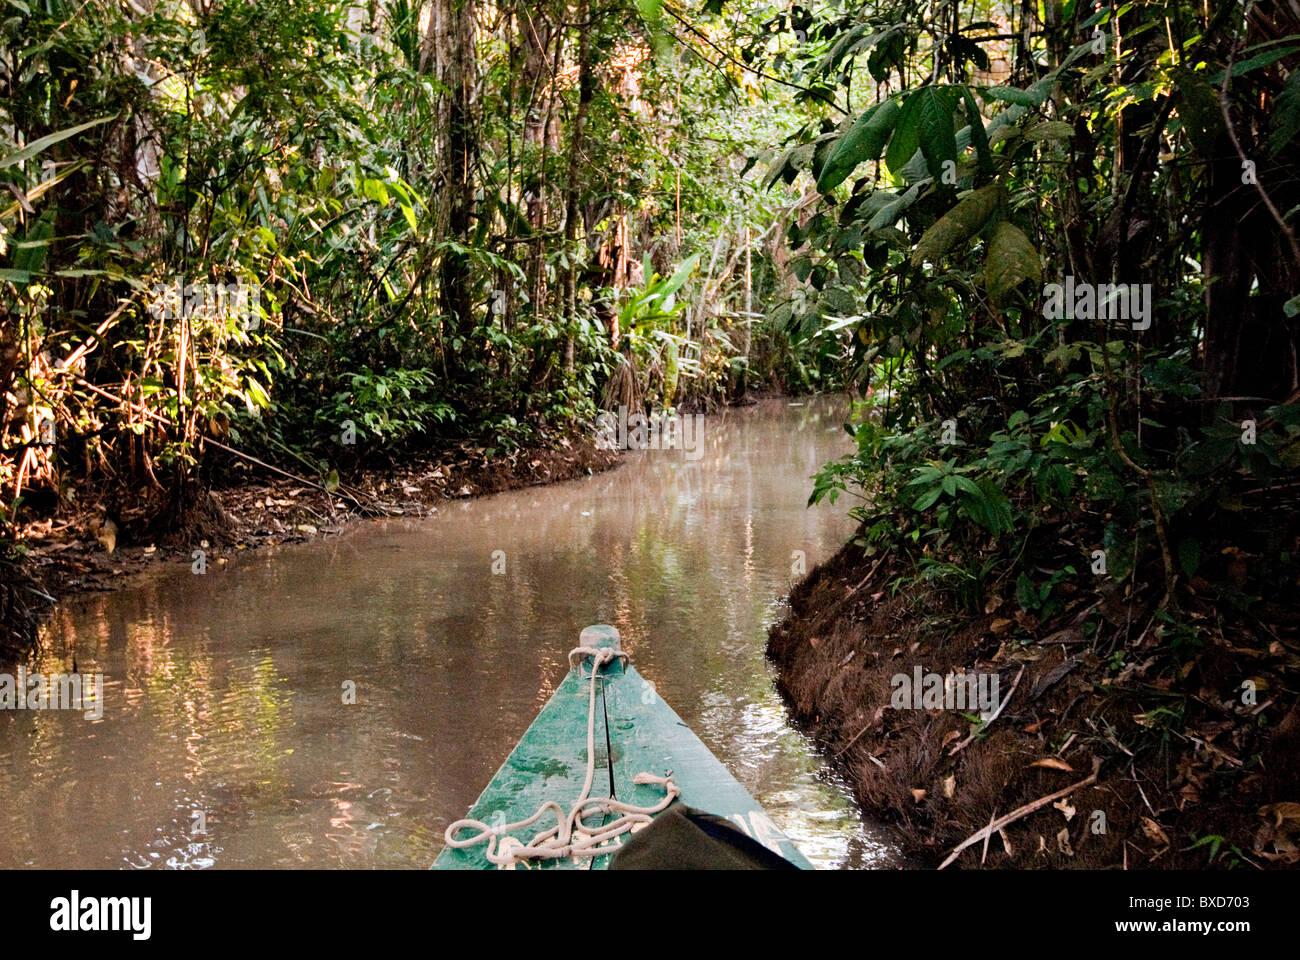 Selva Amazónica, Puerto Maldanado, Perú. Imagen De Stock